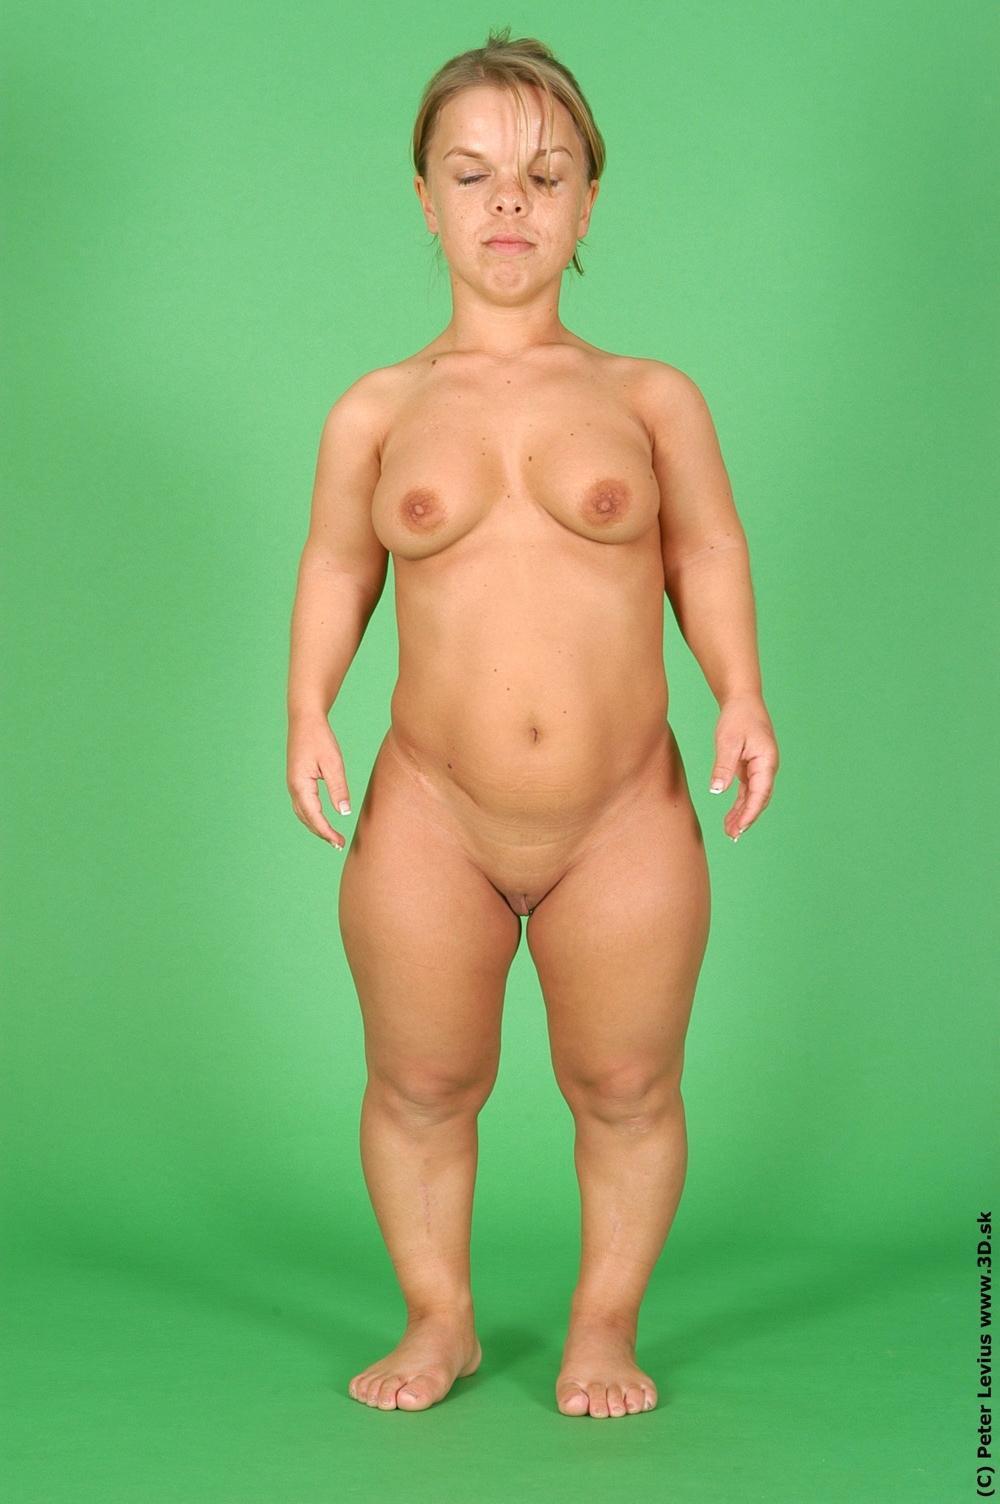 Hot boob exposed